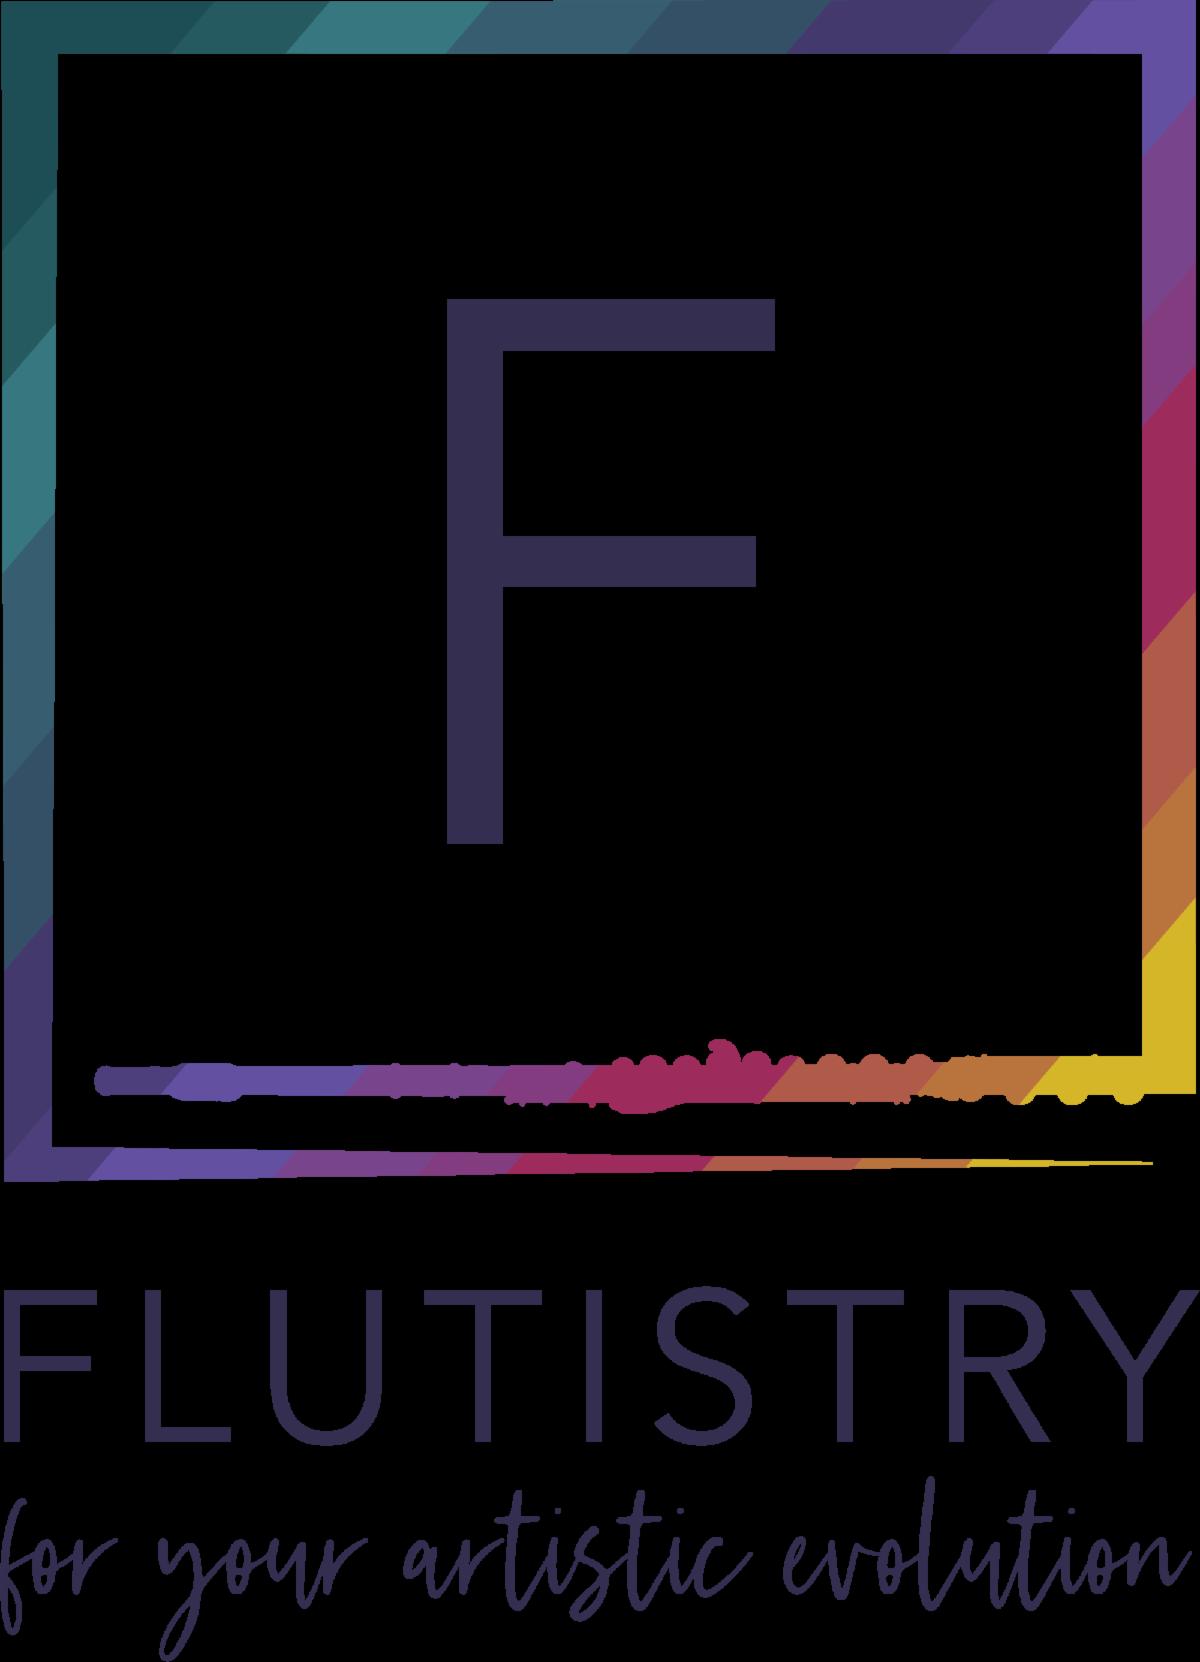 Flutistry Submark Color _transparent_.png